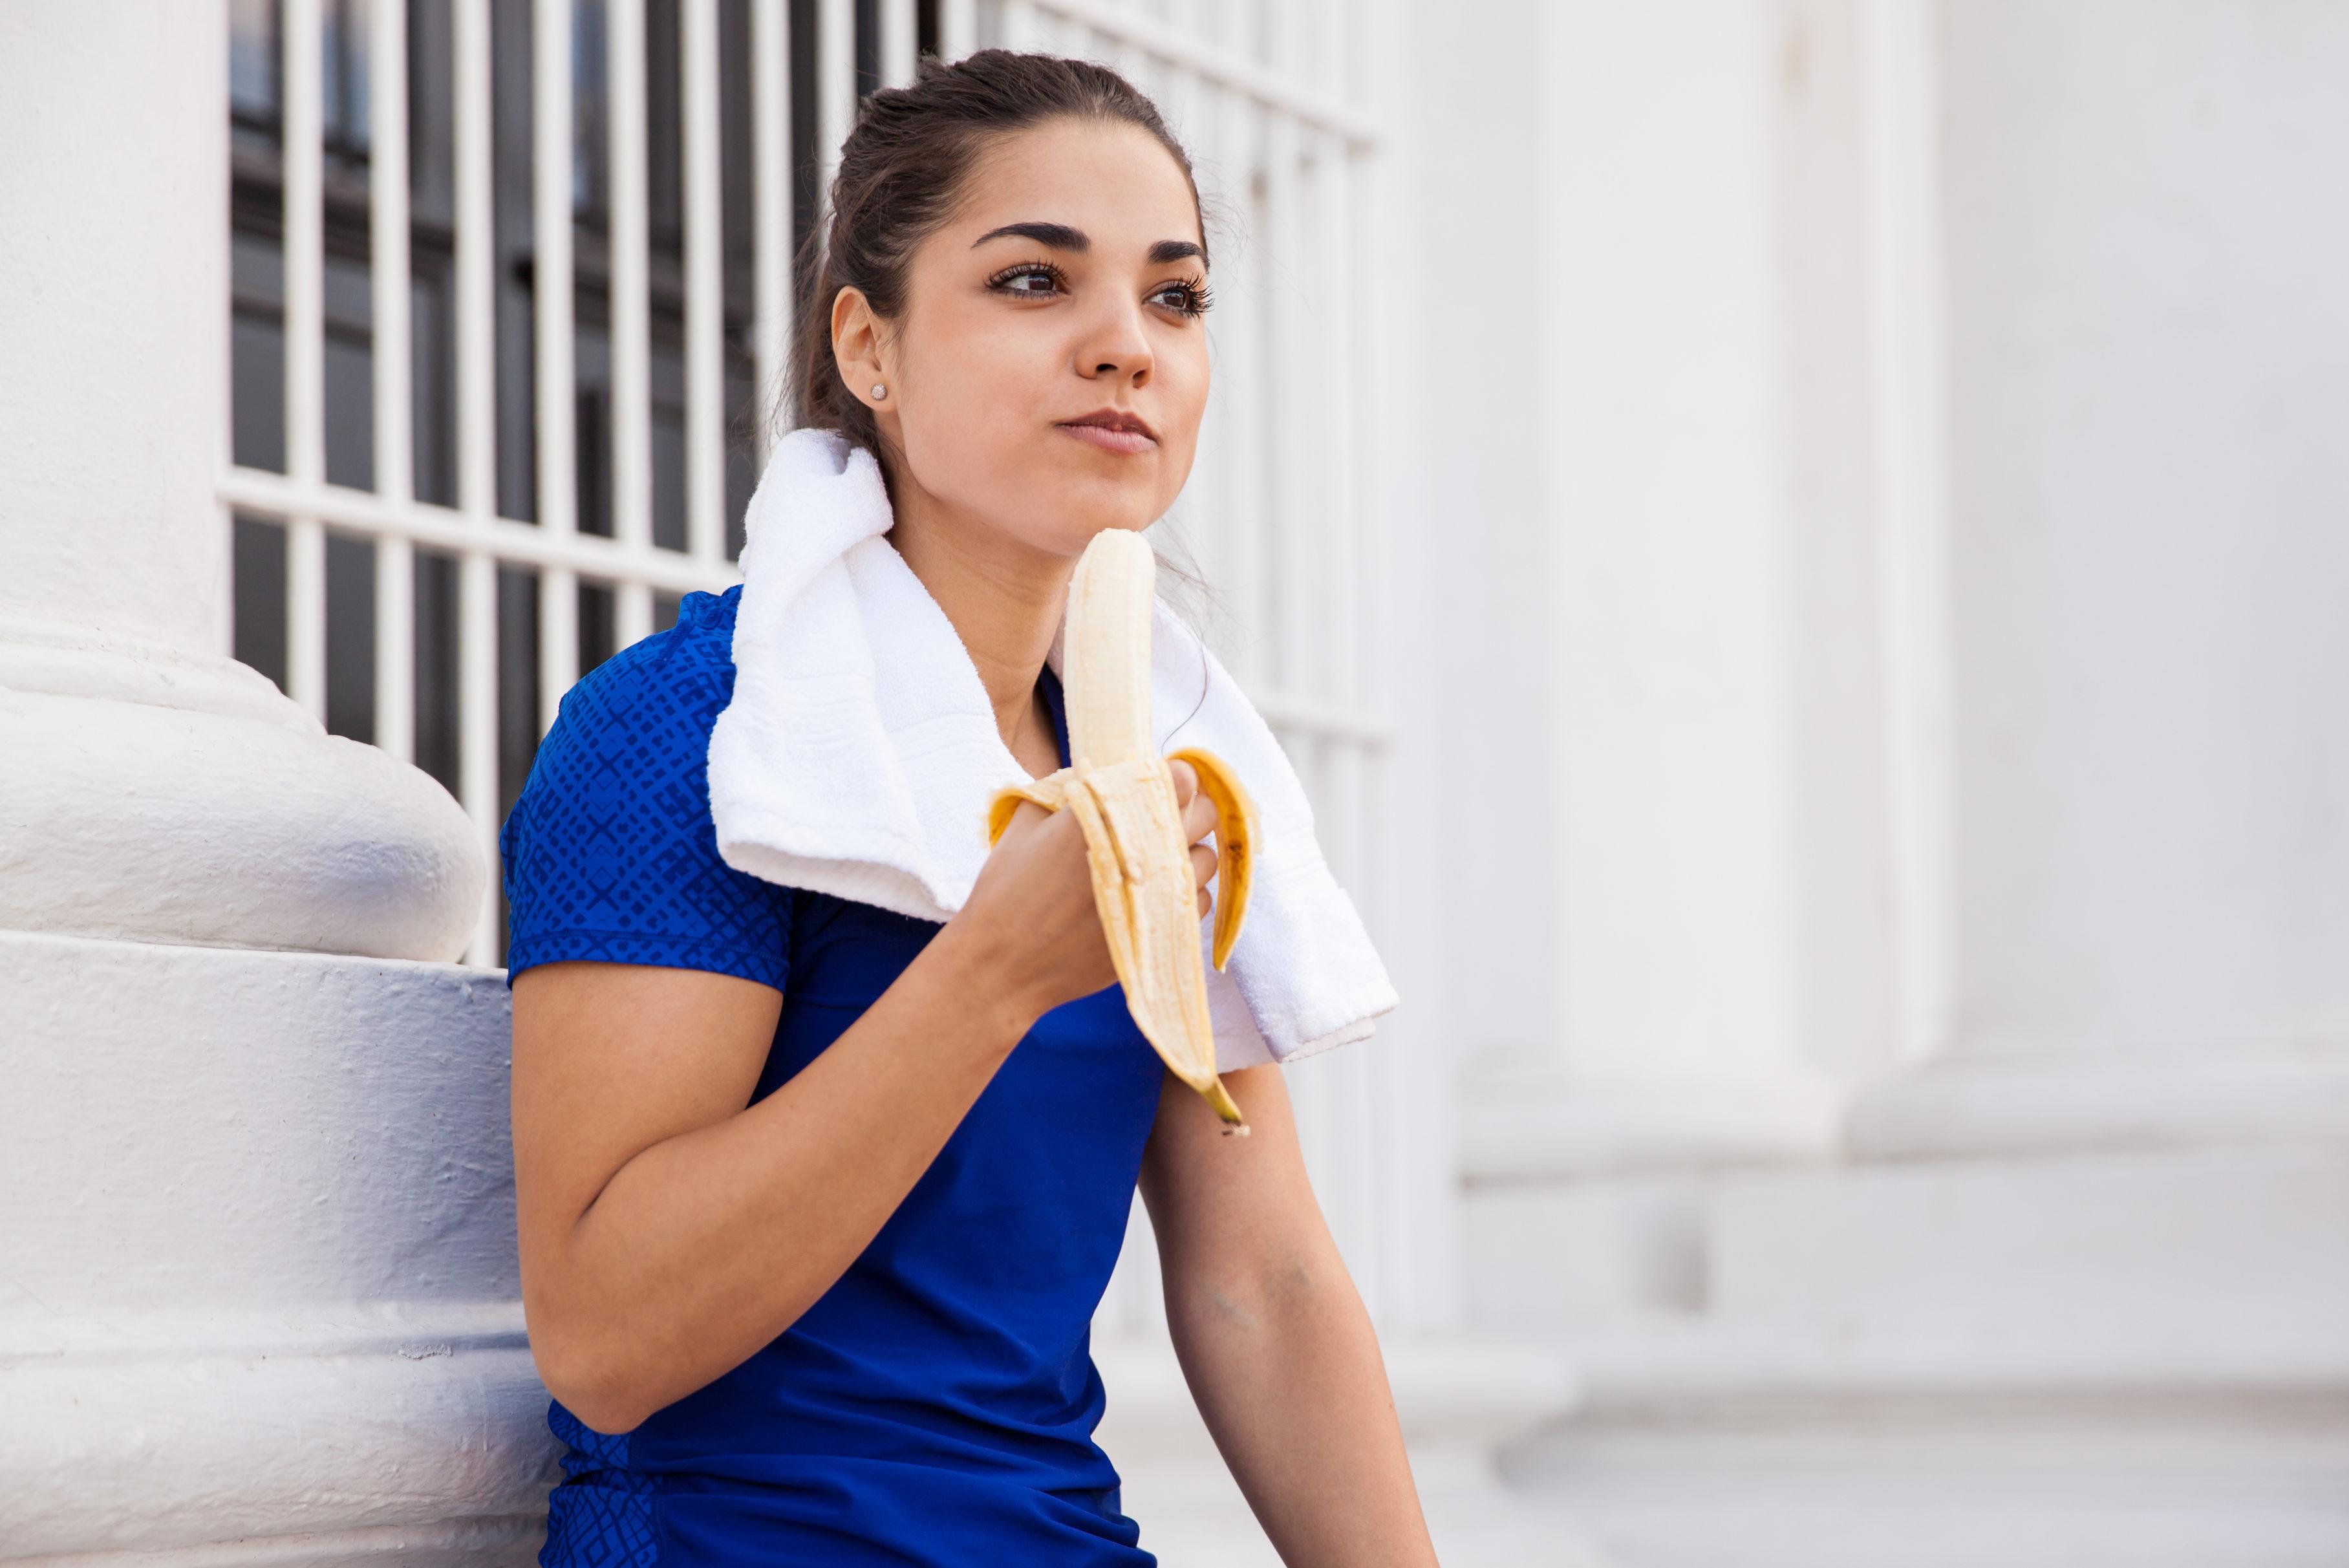 Як правильно харчуватися до і після бігу для досягнення результату